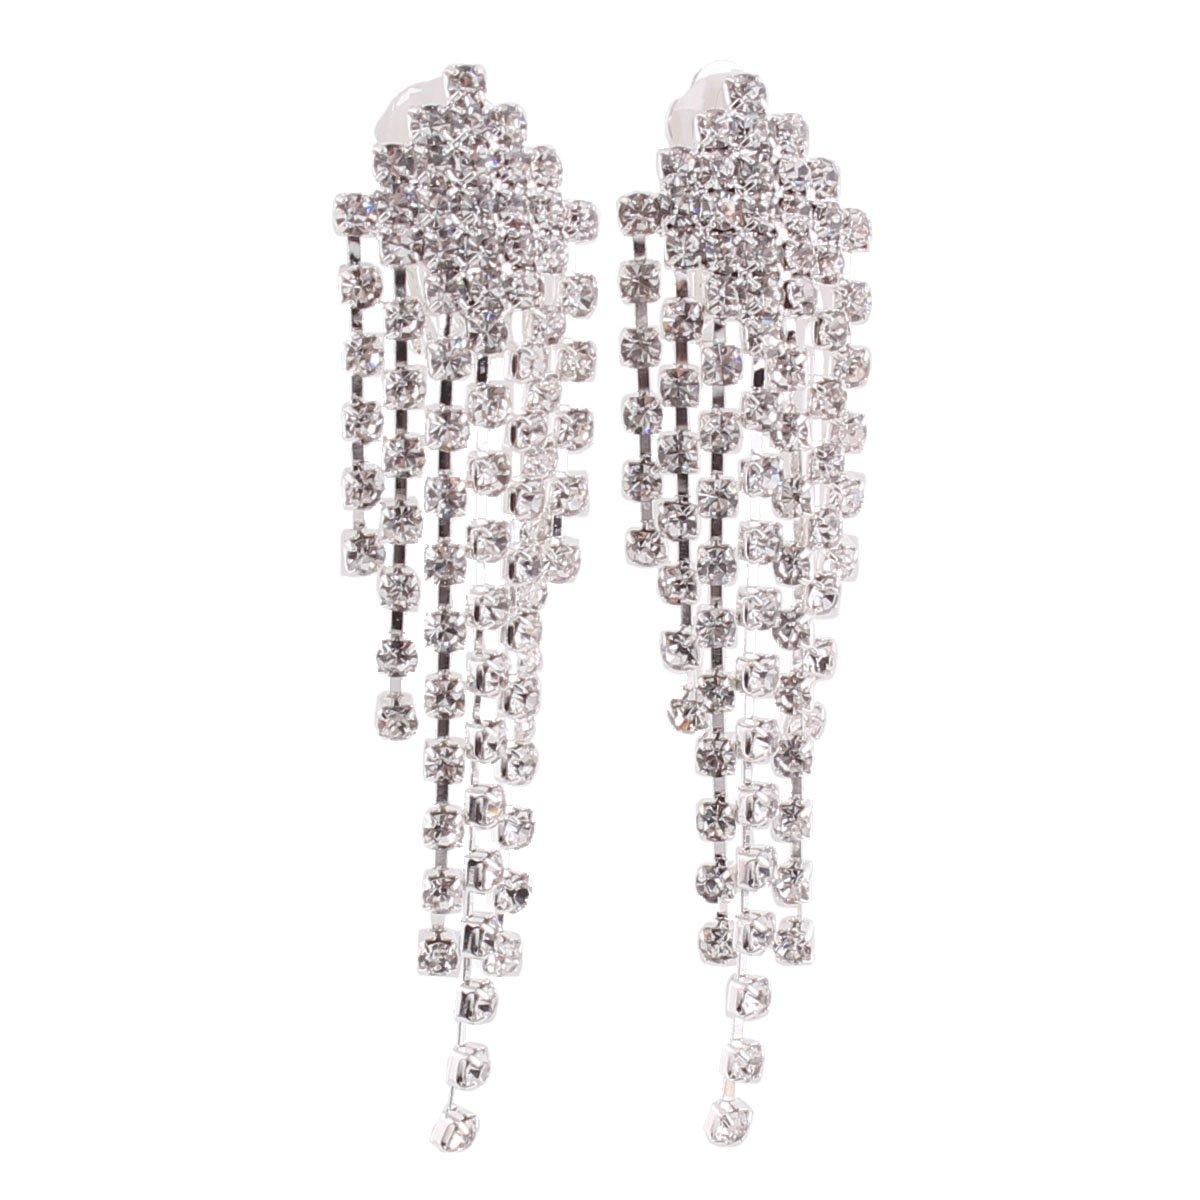 Grace Jun™ Silver Plated Rhinestone Clip on earrings for Women Fashion Long dangle Tassel Earrings China XHEJ103